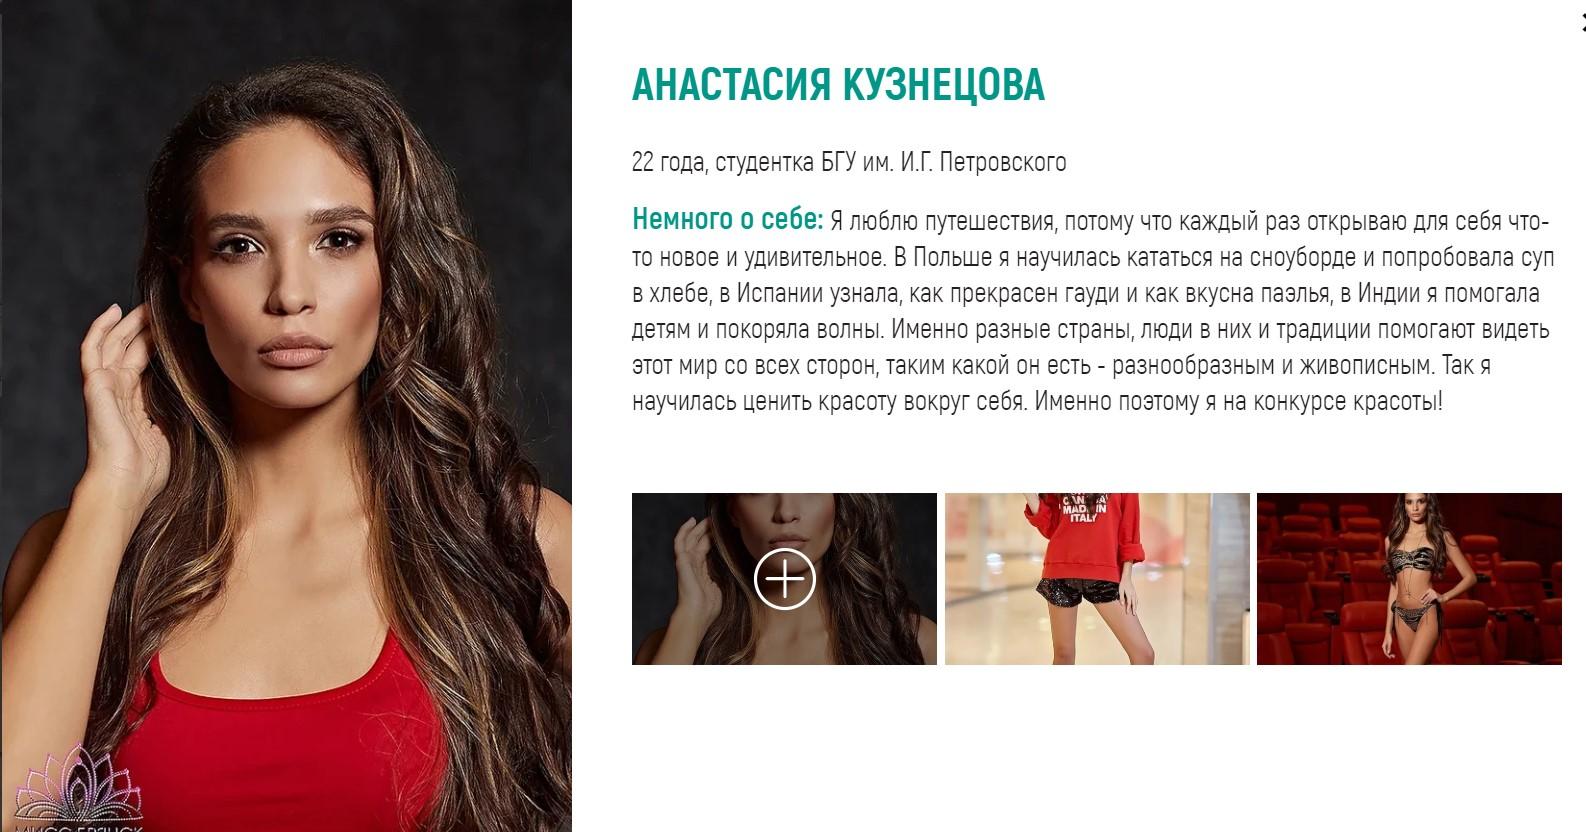 По итогам недели в онлайн-голосовании «Мисс Брянск-2020» лидирует Анастасия Кузнецова